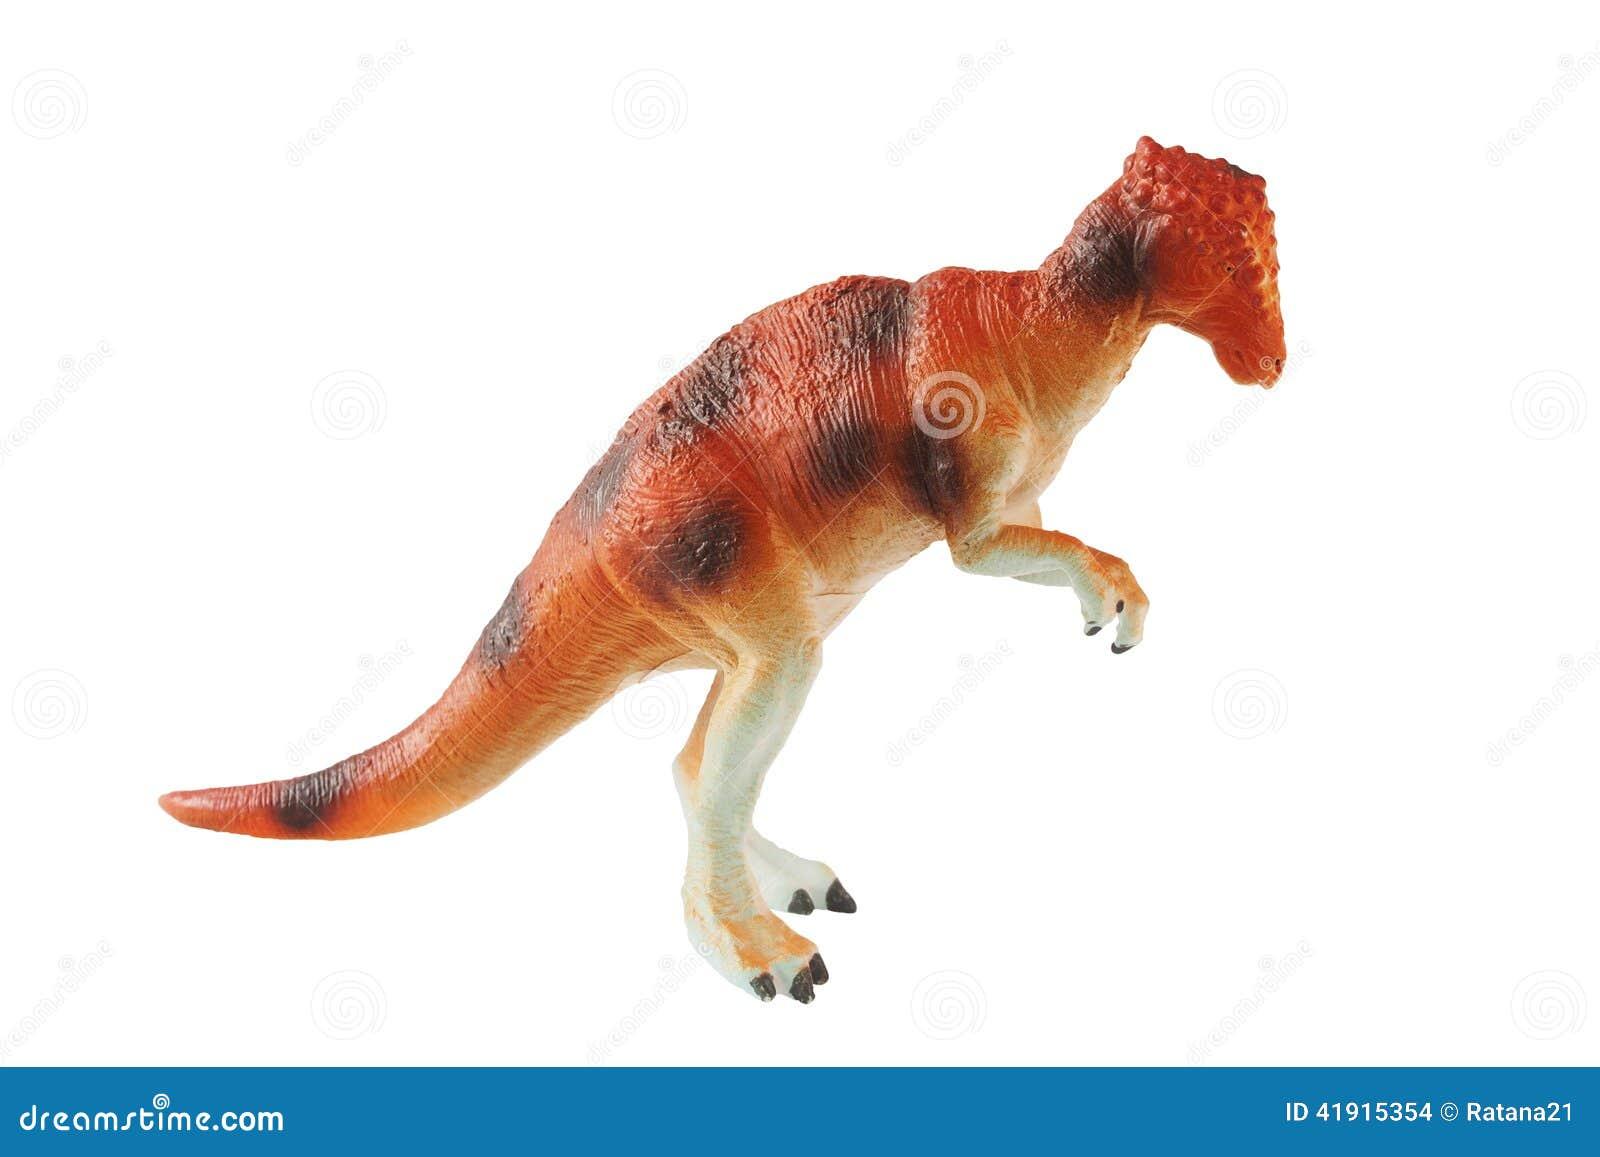 Juguete anaranjado del dinosaurio